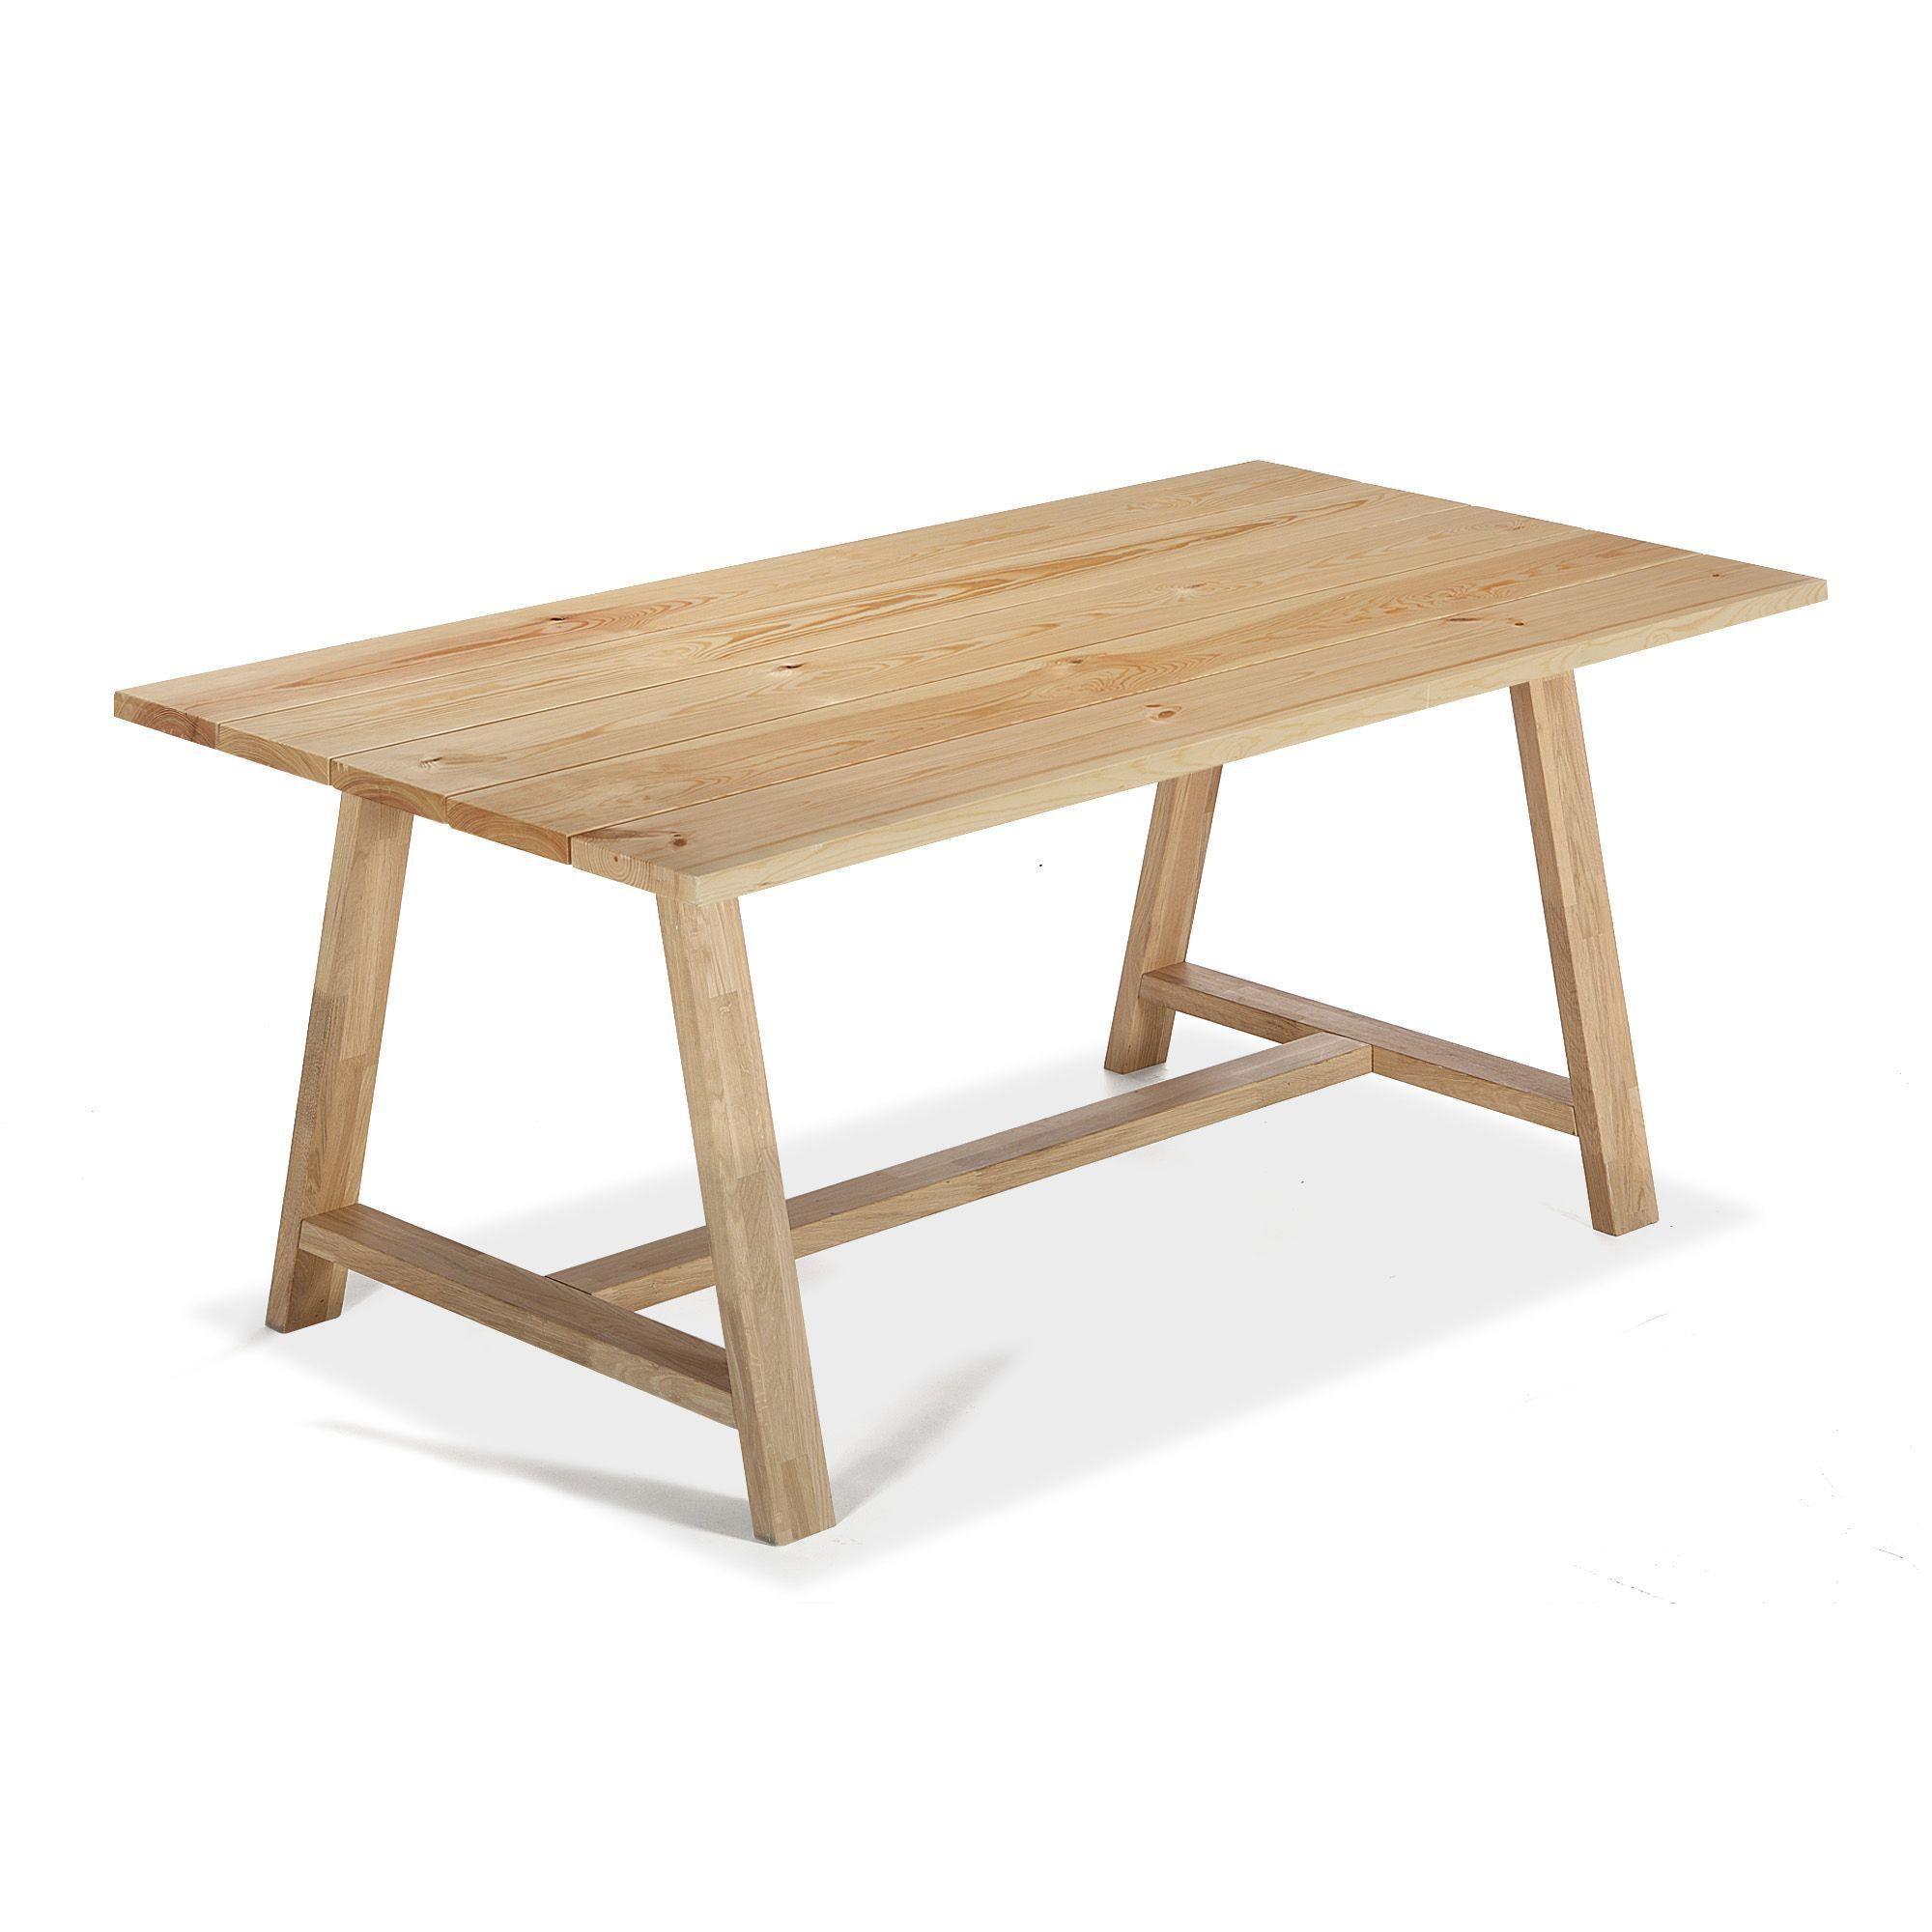 Chaises Alinea Salle A Manger: Table De Repas 90x180cm En Pin Naturel